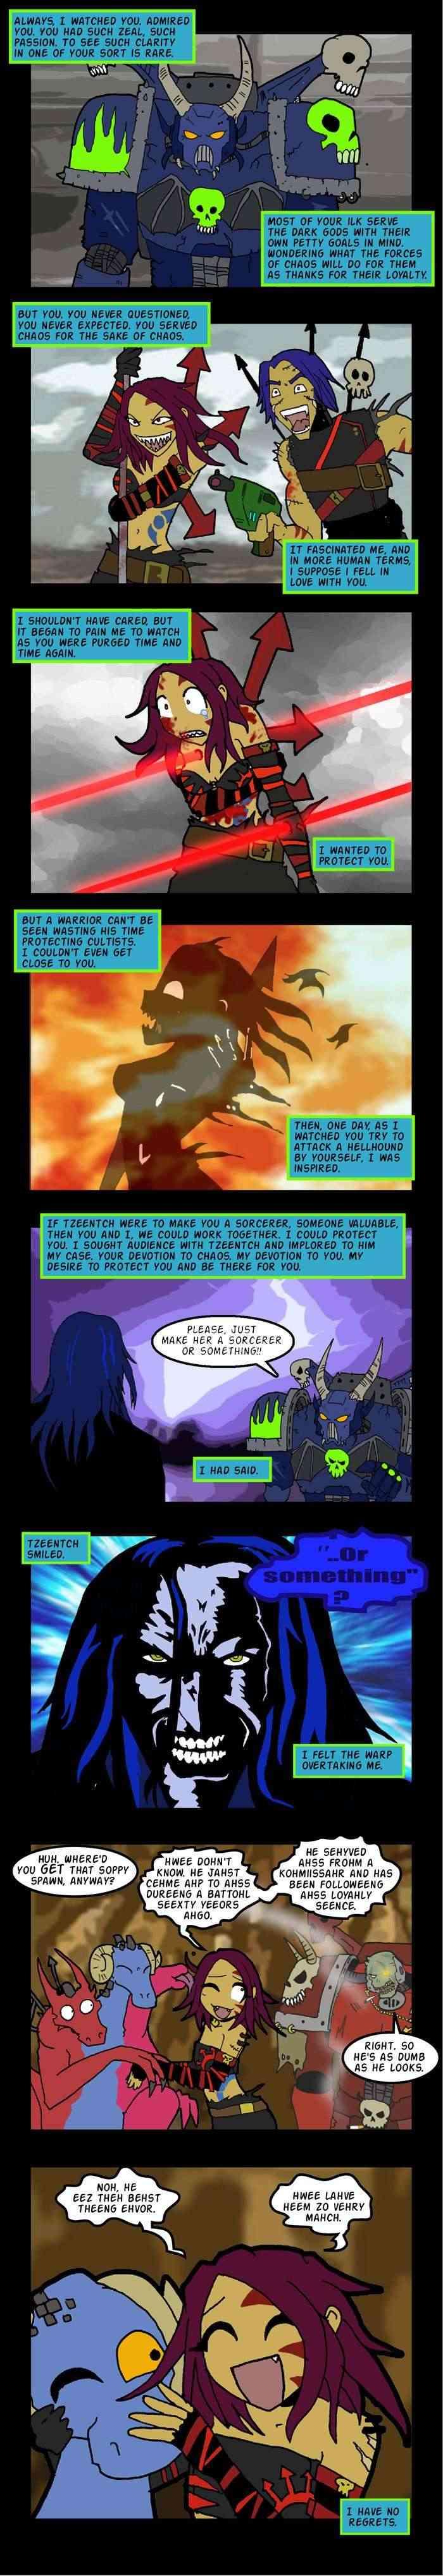 EXTERMINATUS!!! - Page 2 99a7e110